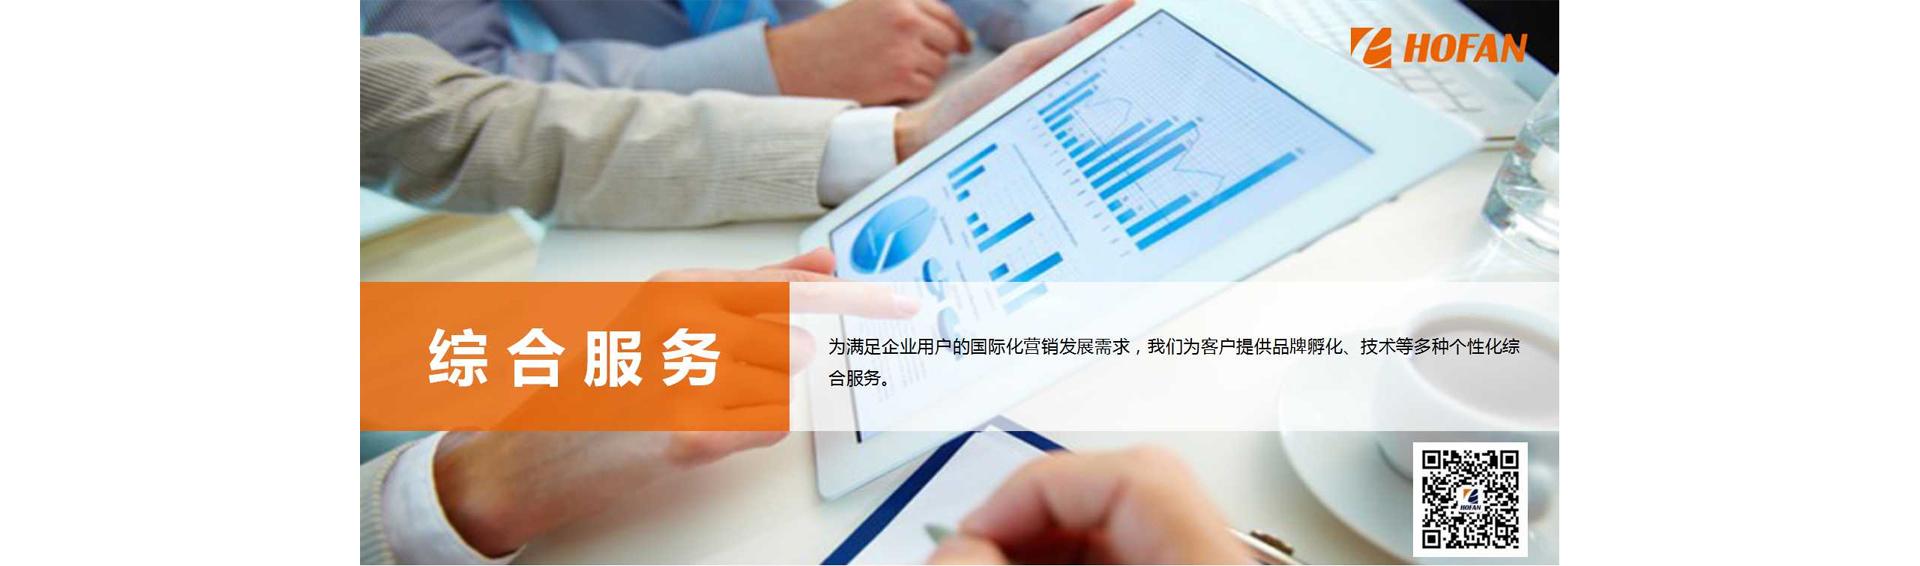 综合服务 - 浩方集团官方网站